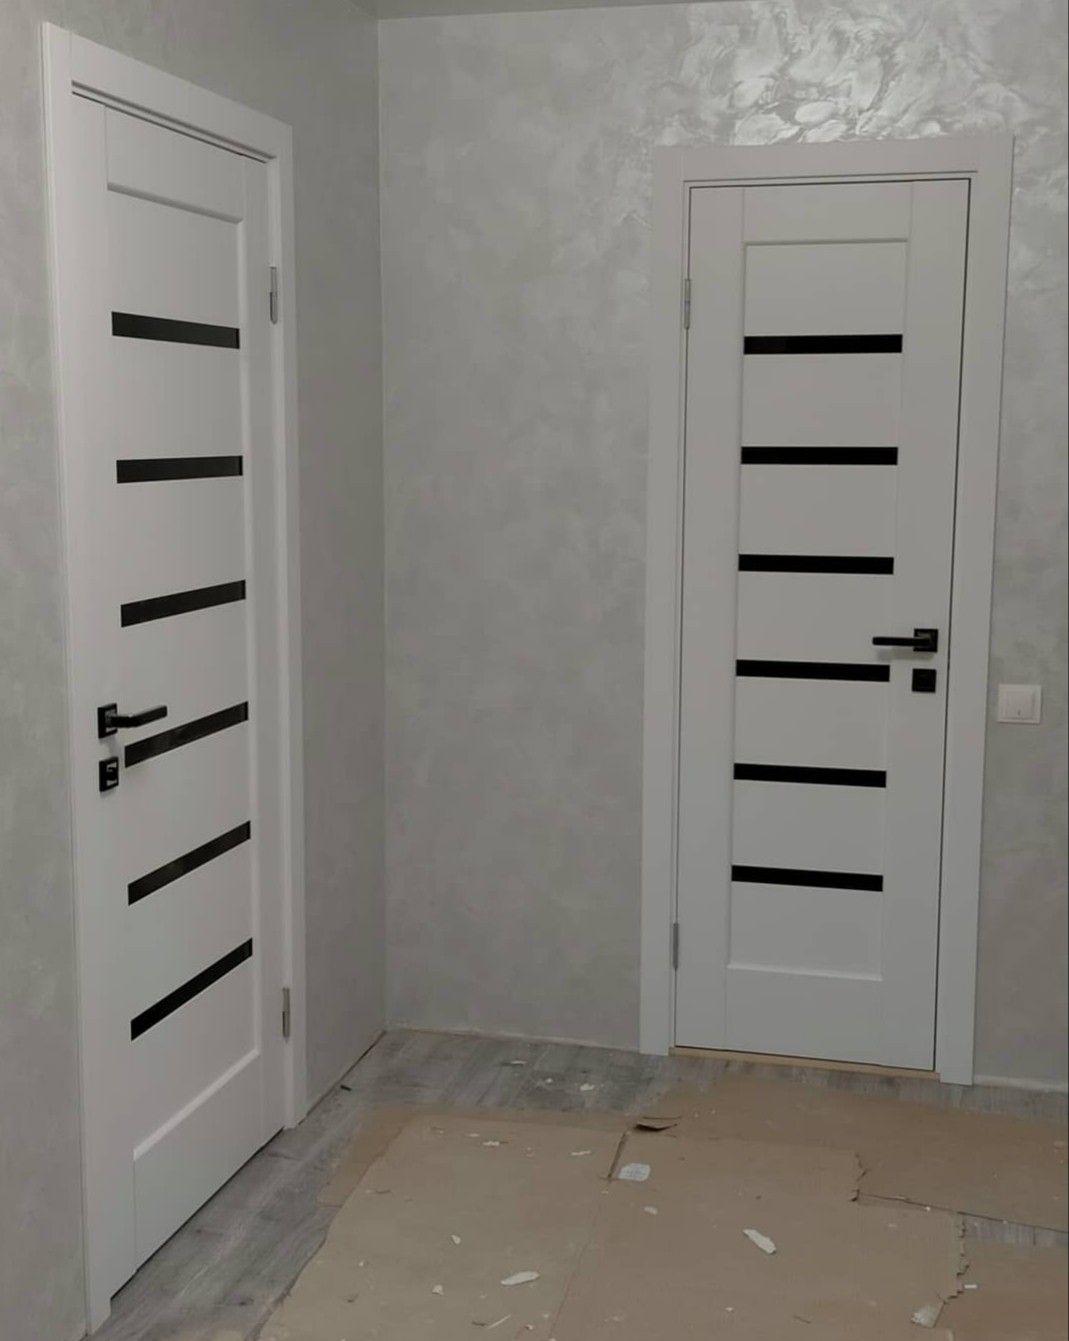 Білі  двері в інтер'єрі. Е-монтаж-служба замірів монтажу під…